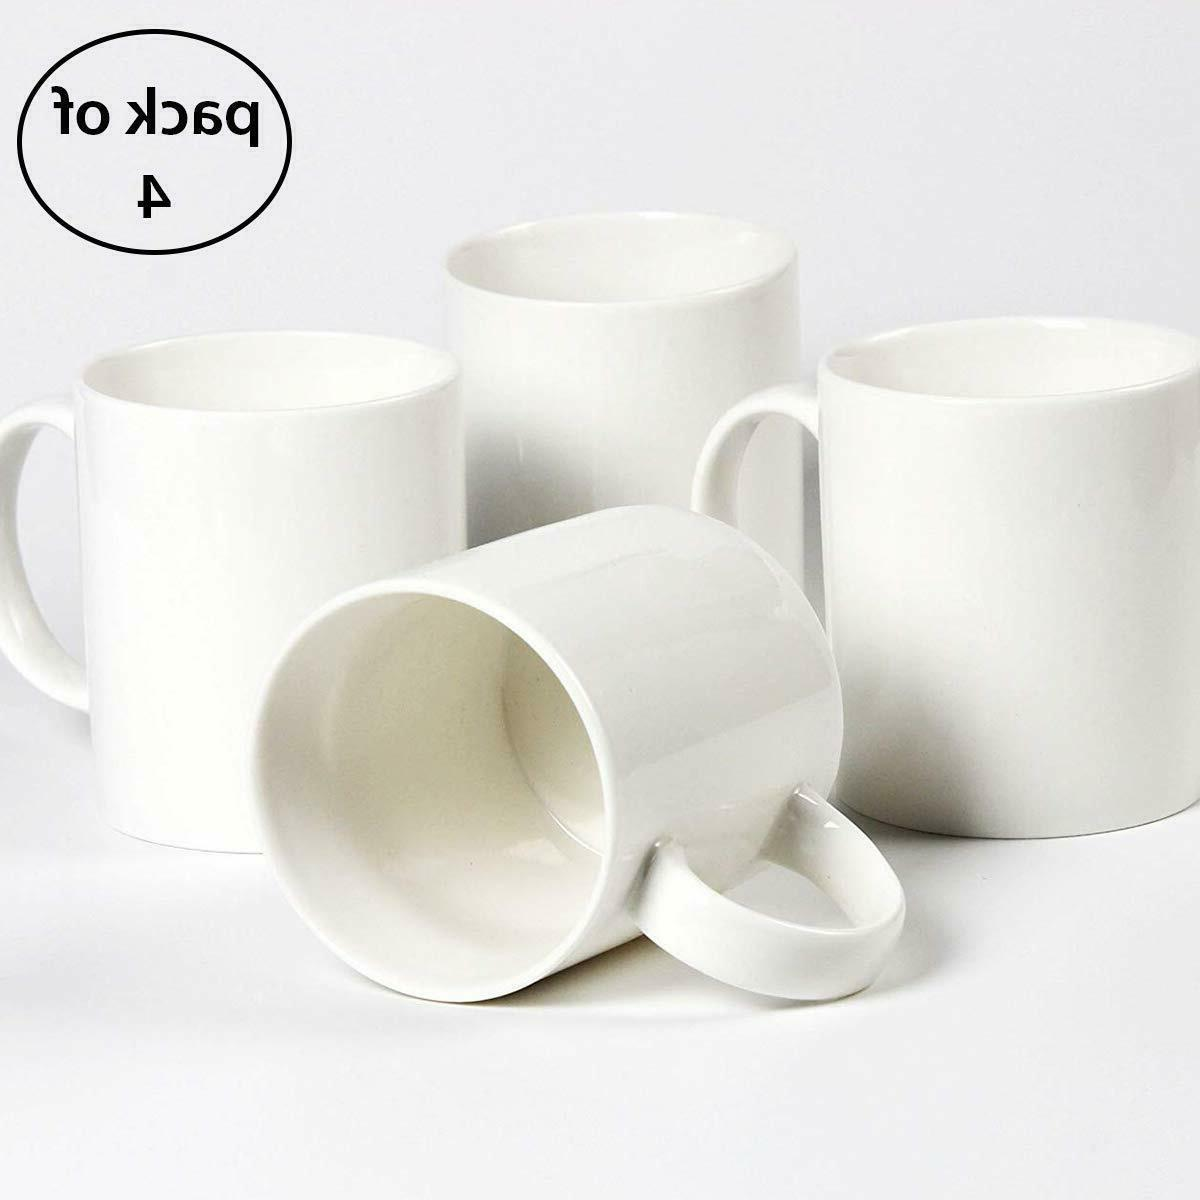 pack of 4 plain gloss white ceramic